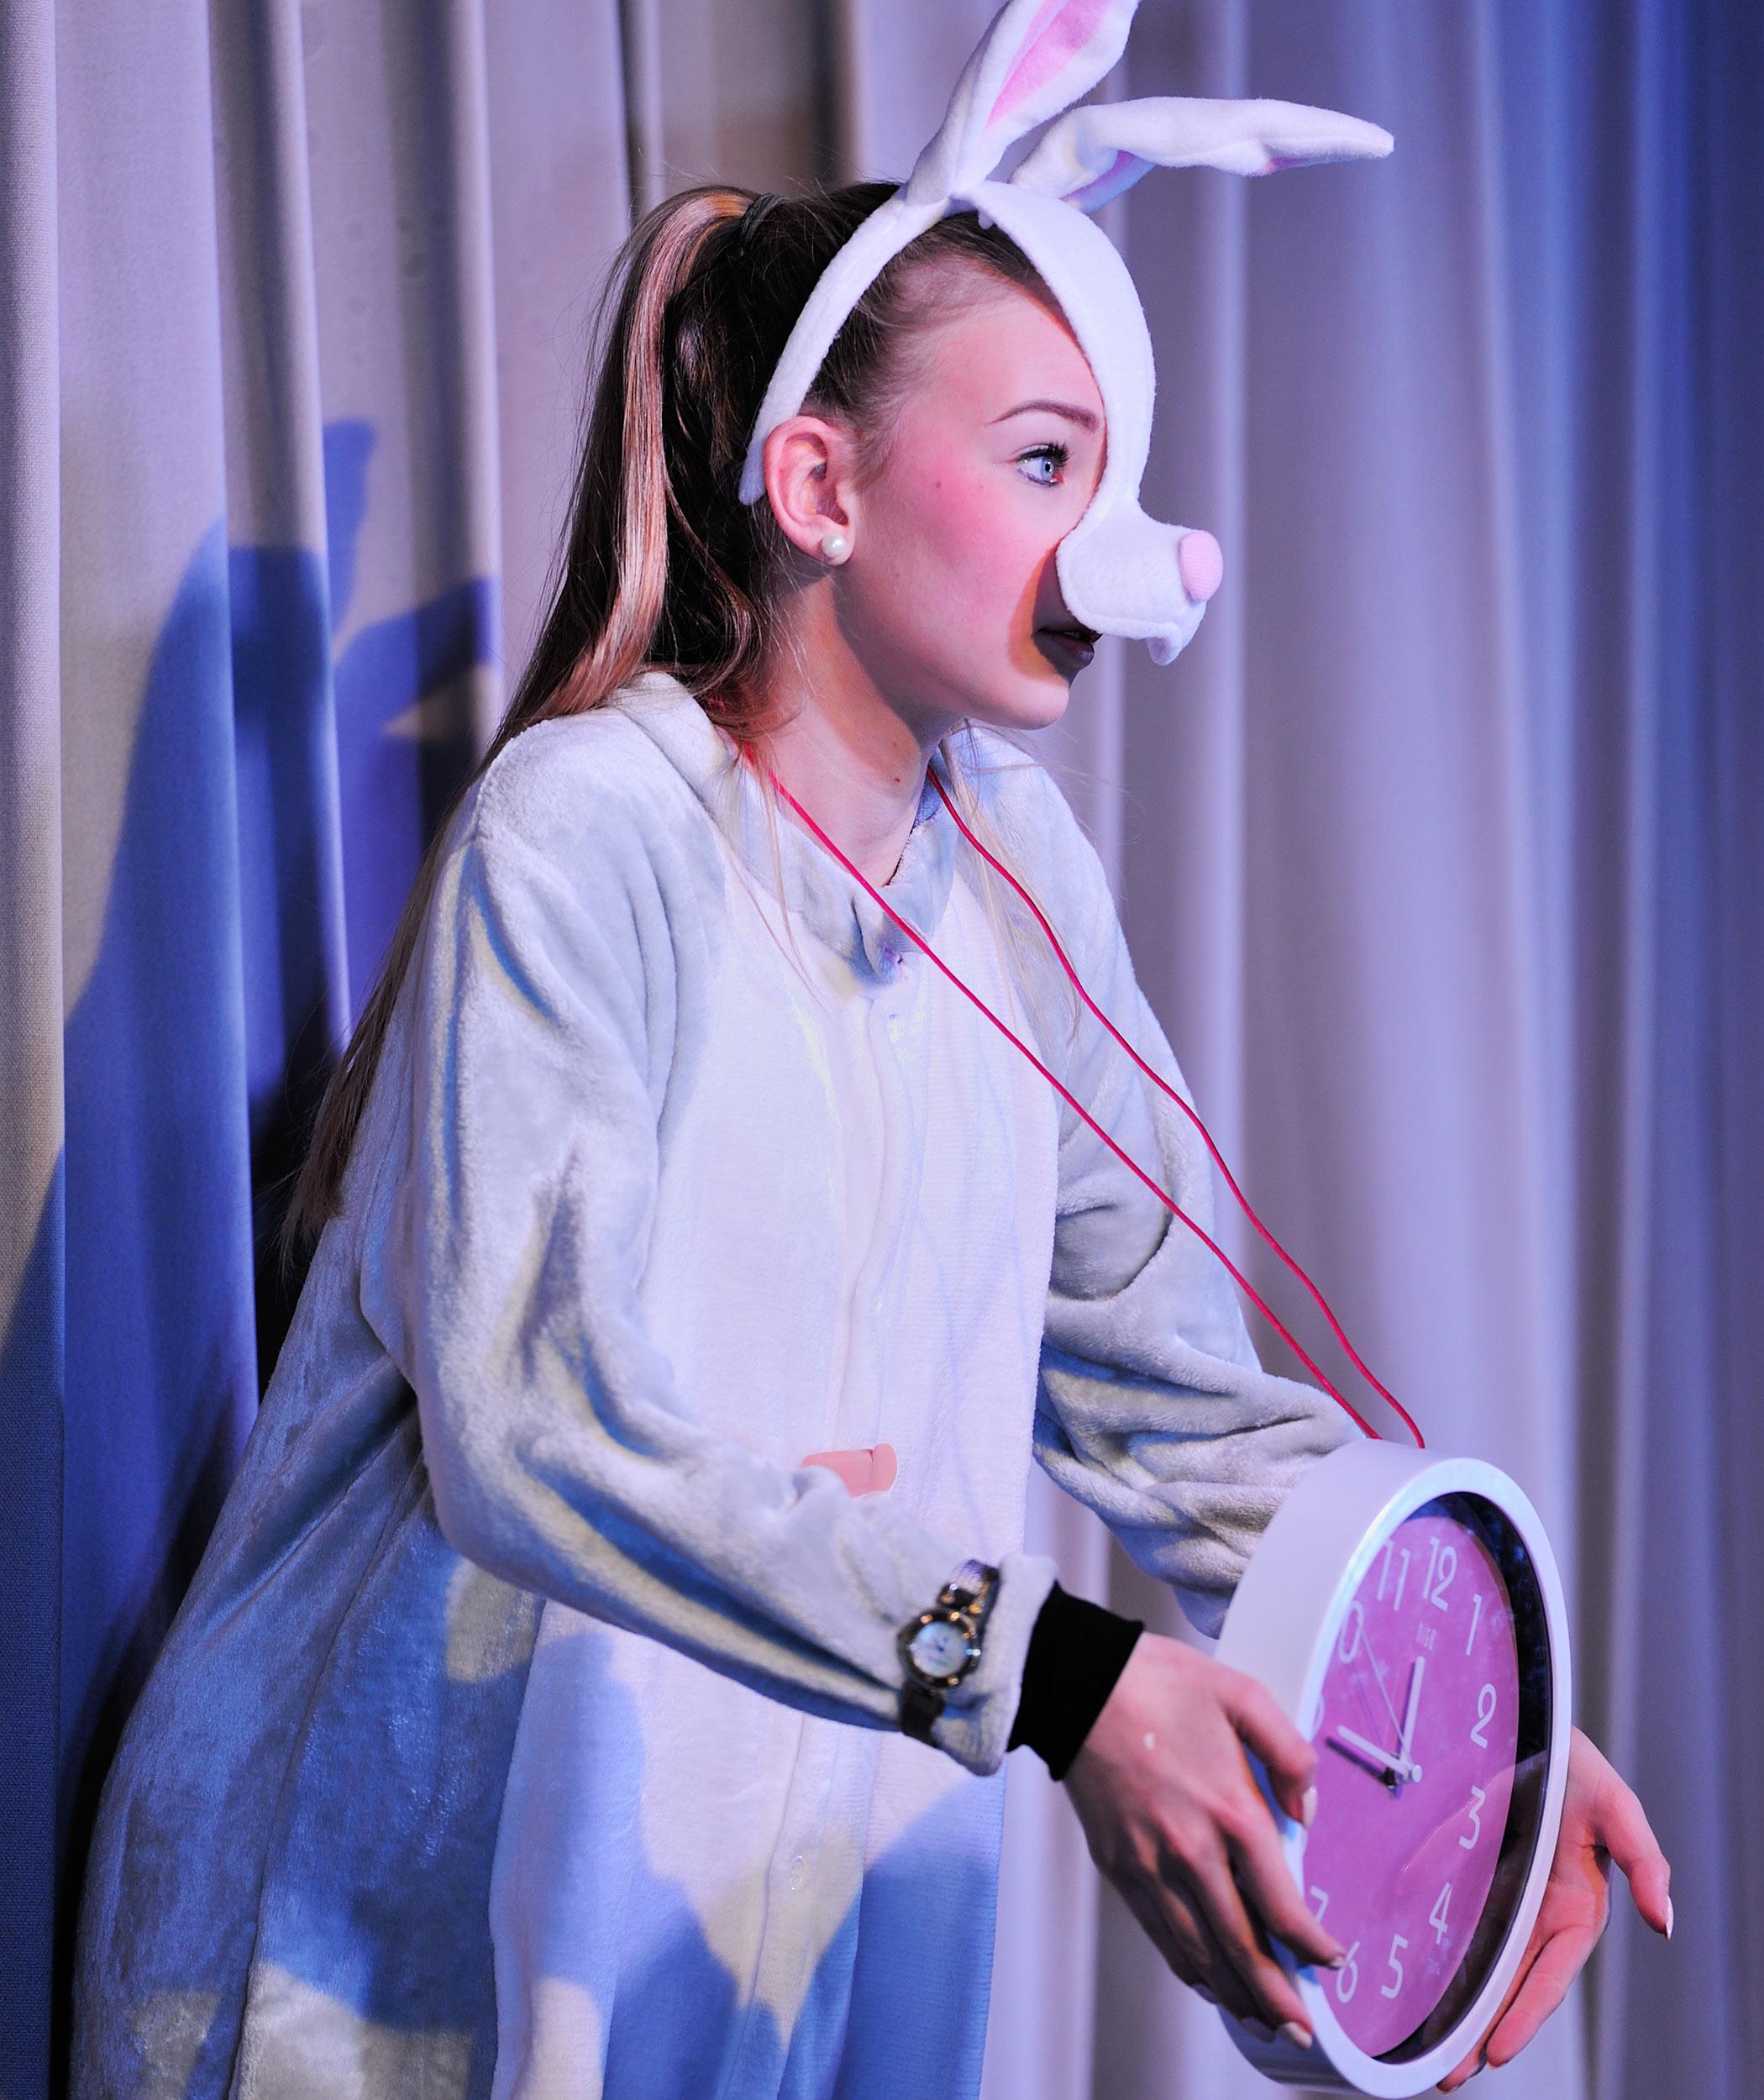 Myriam Topel Fotografie - Schauspiel